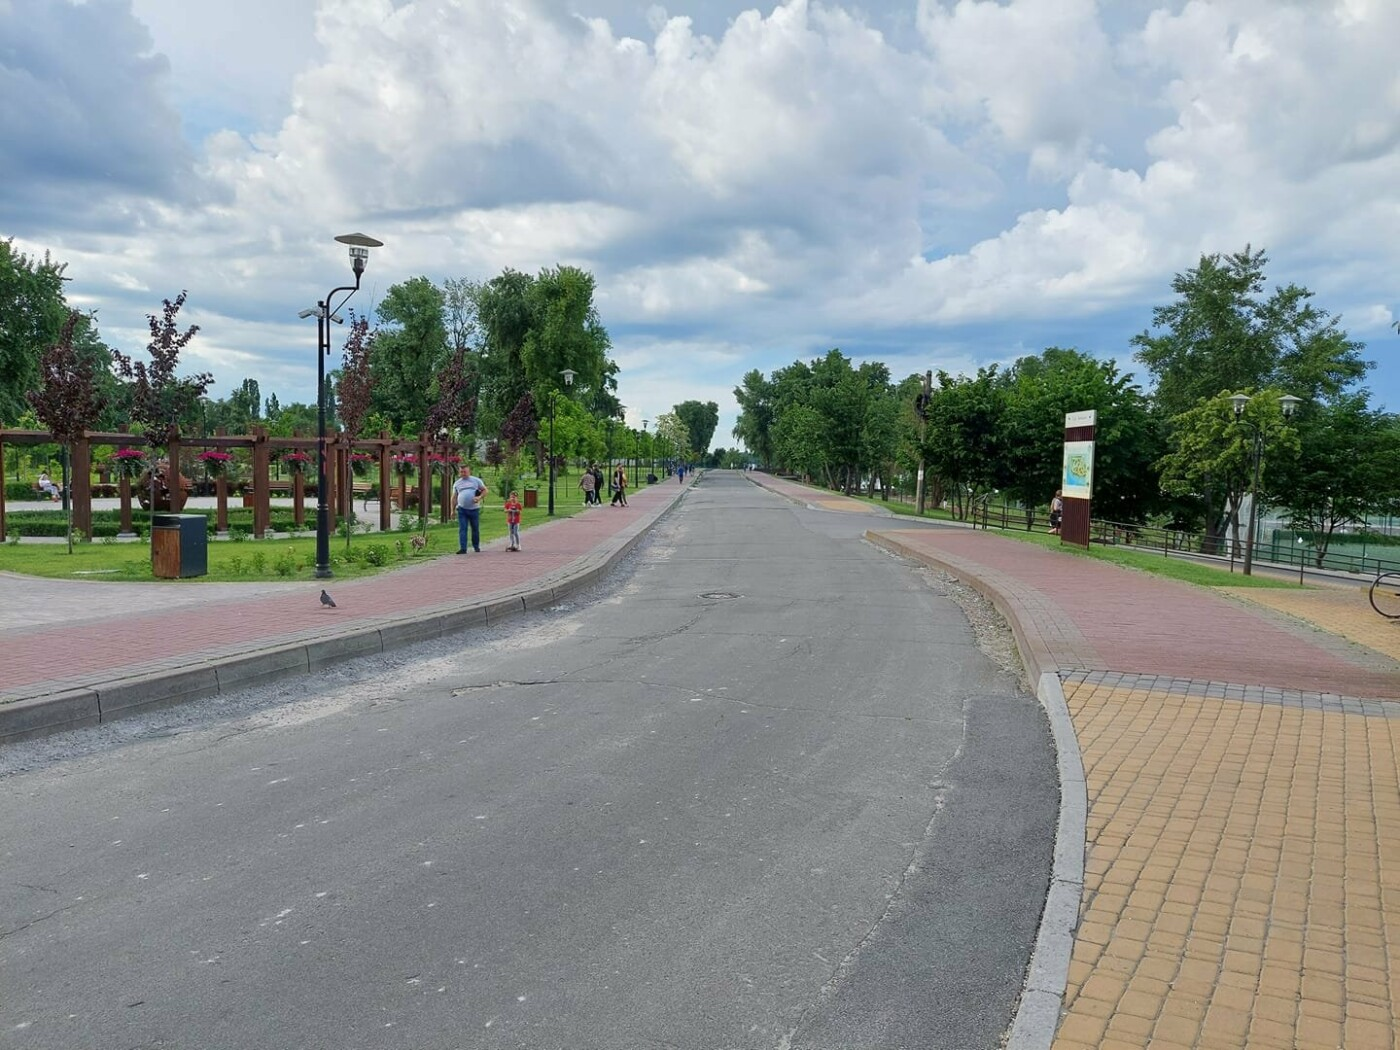 Дорога в парке Наталка, которую хотят отдать под строительную технику, Фото Глеба Антоненко